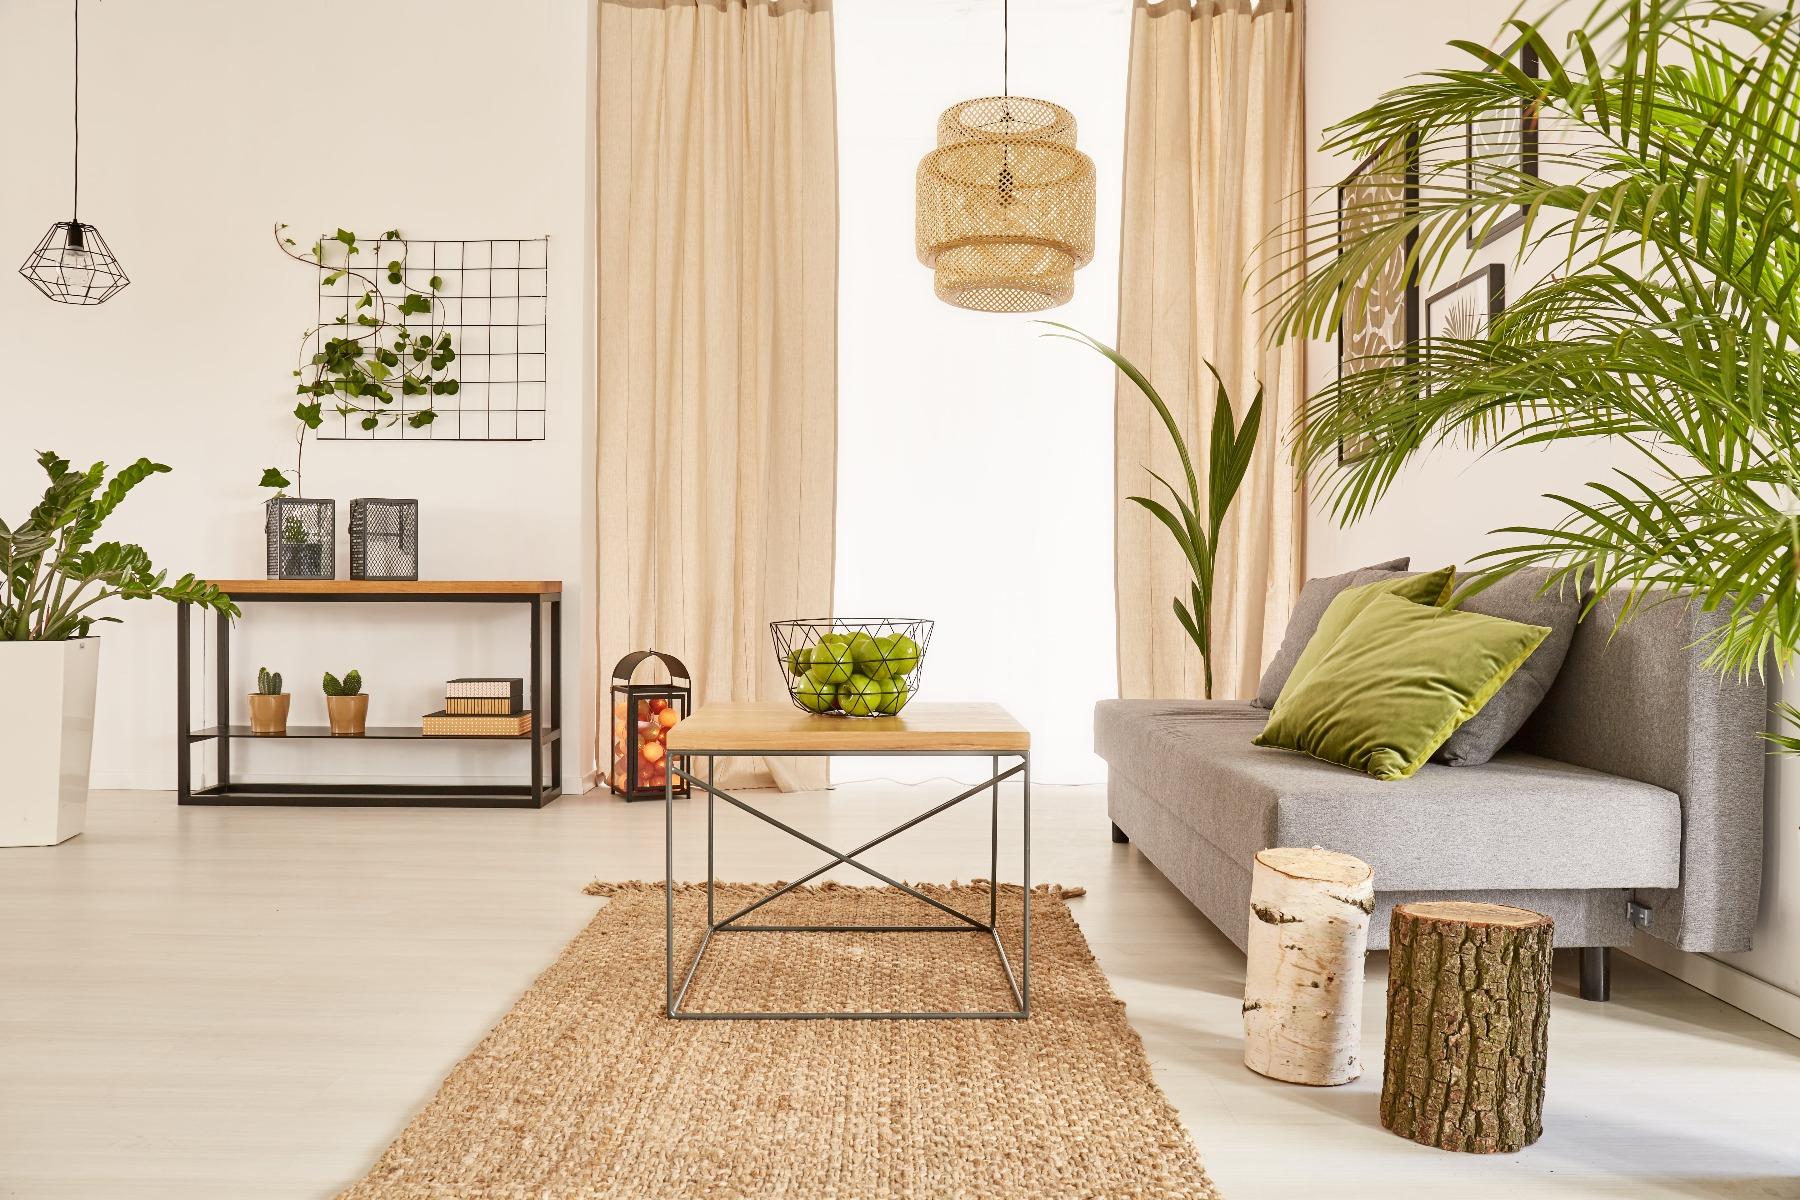 Das Bild zeigt ein Zimmer im natürlichen Wohnstil.